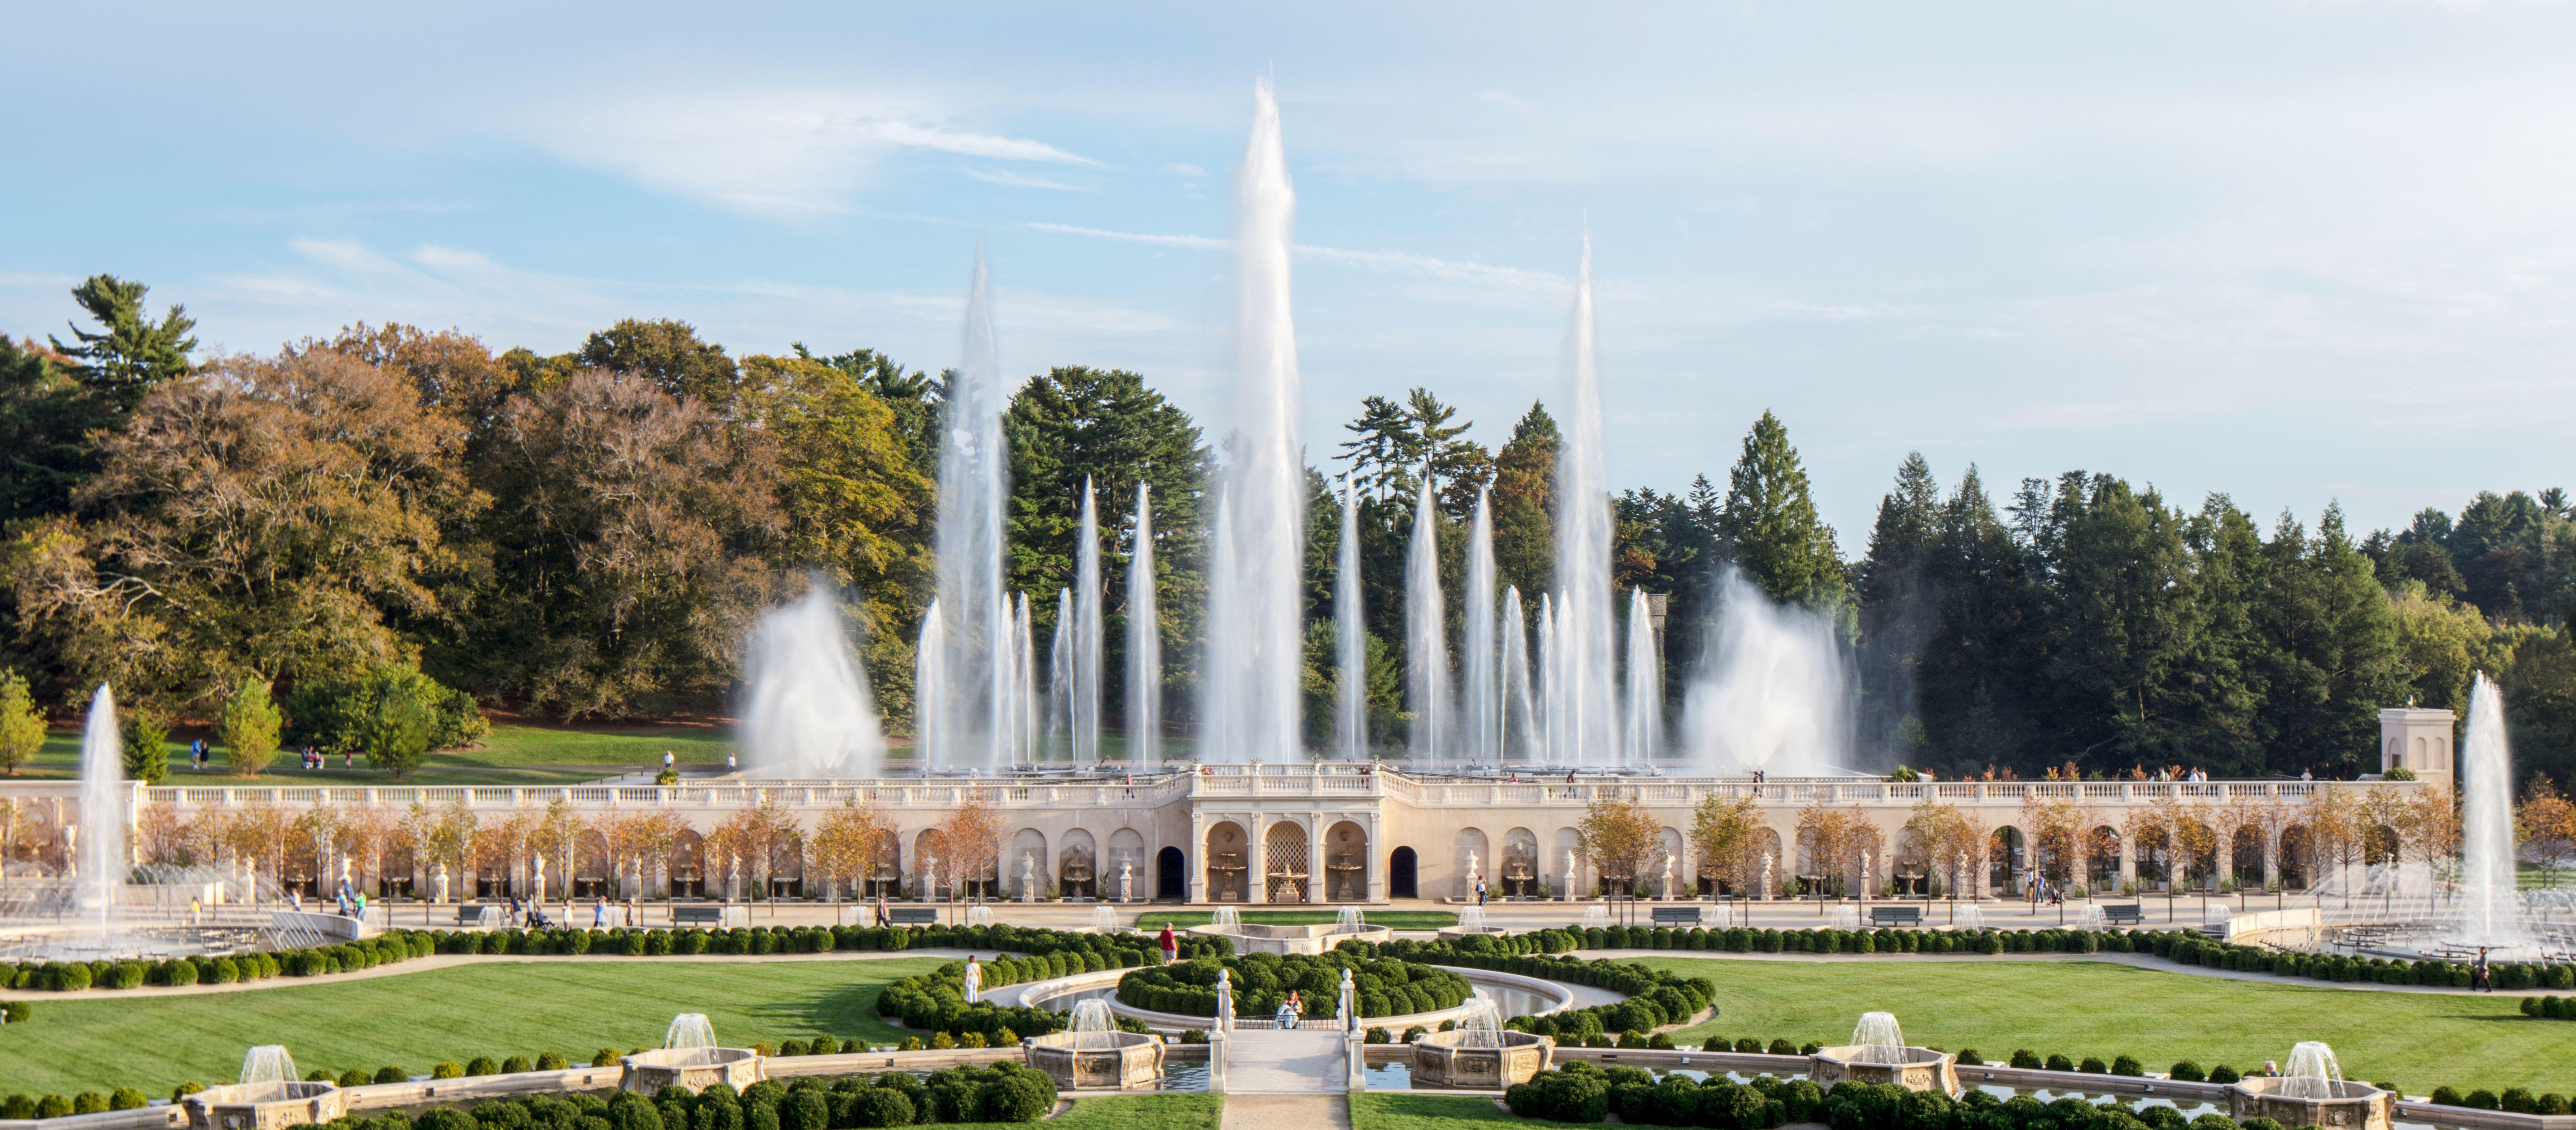 Blick auf die zahlreichen Fontänen der Longwood Gardens in Kennet Square, Pennsylvania